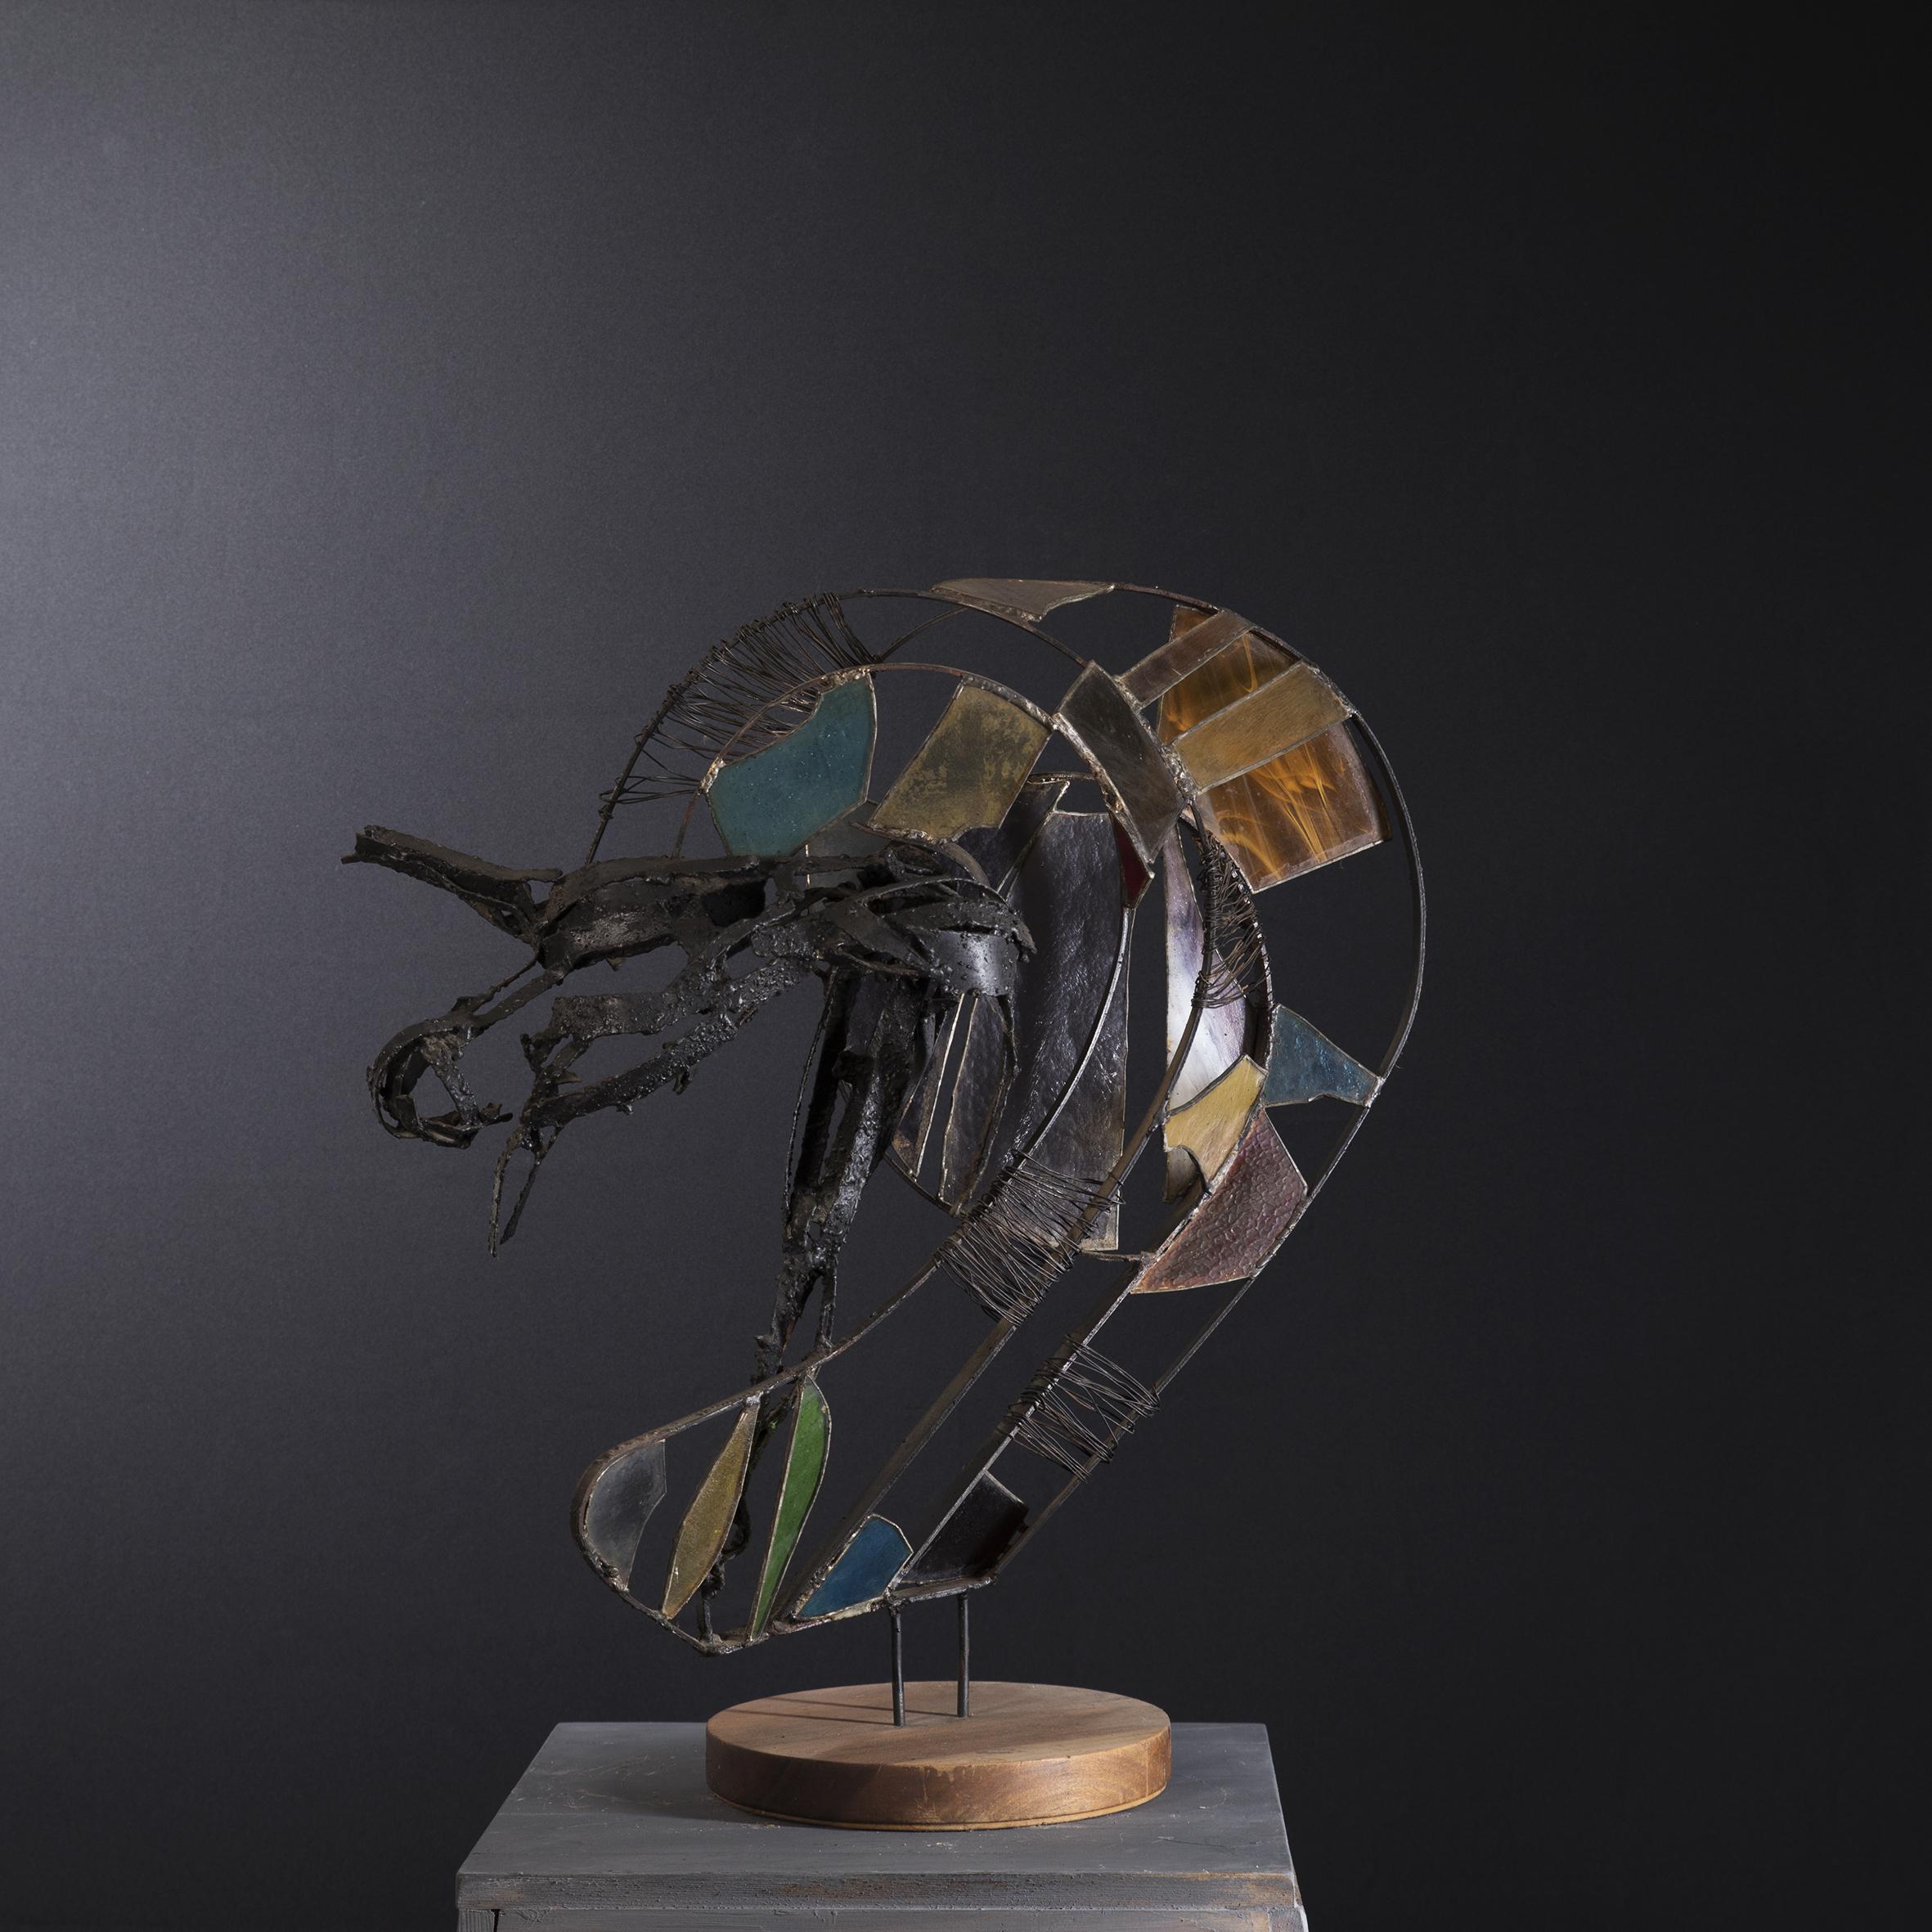 figura - works 1990-2003